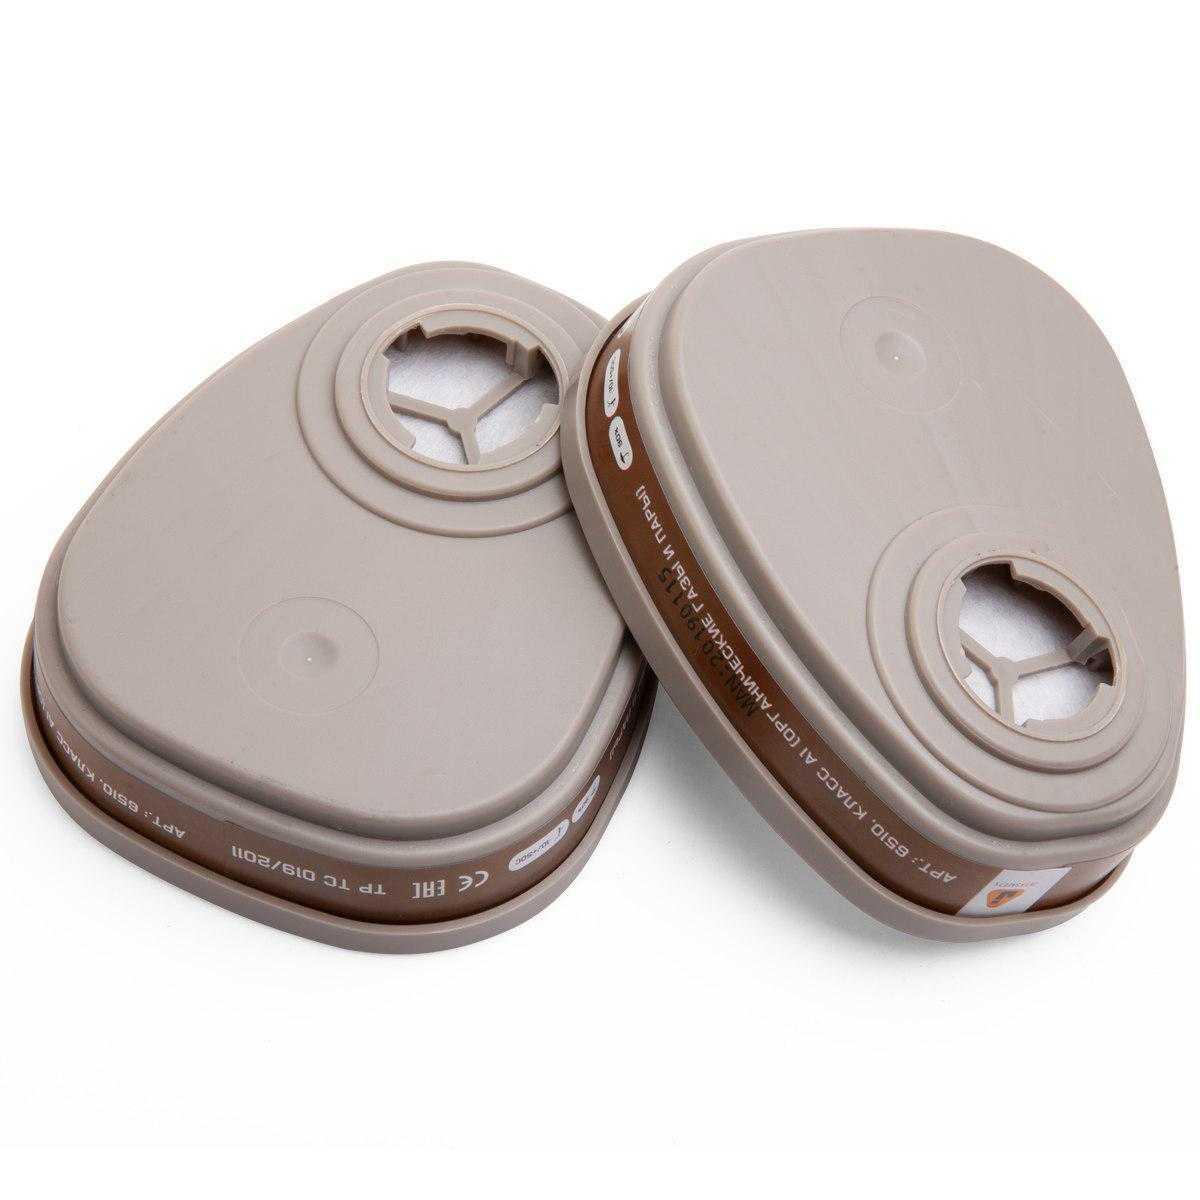 js 6510 pair - Фильтр для защиты от органических газов и паров A1 6510